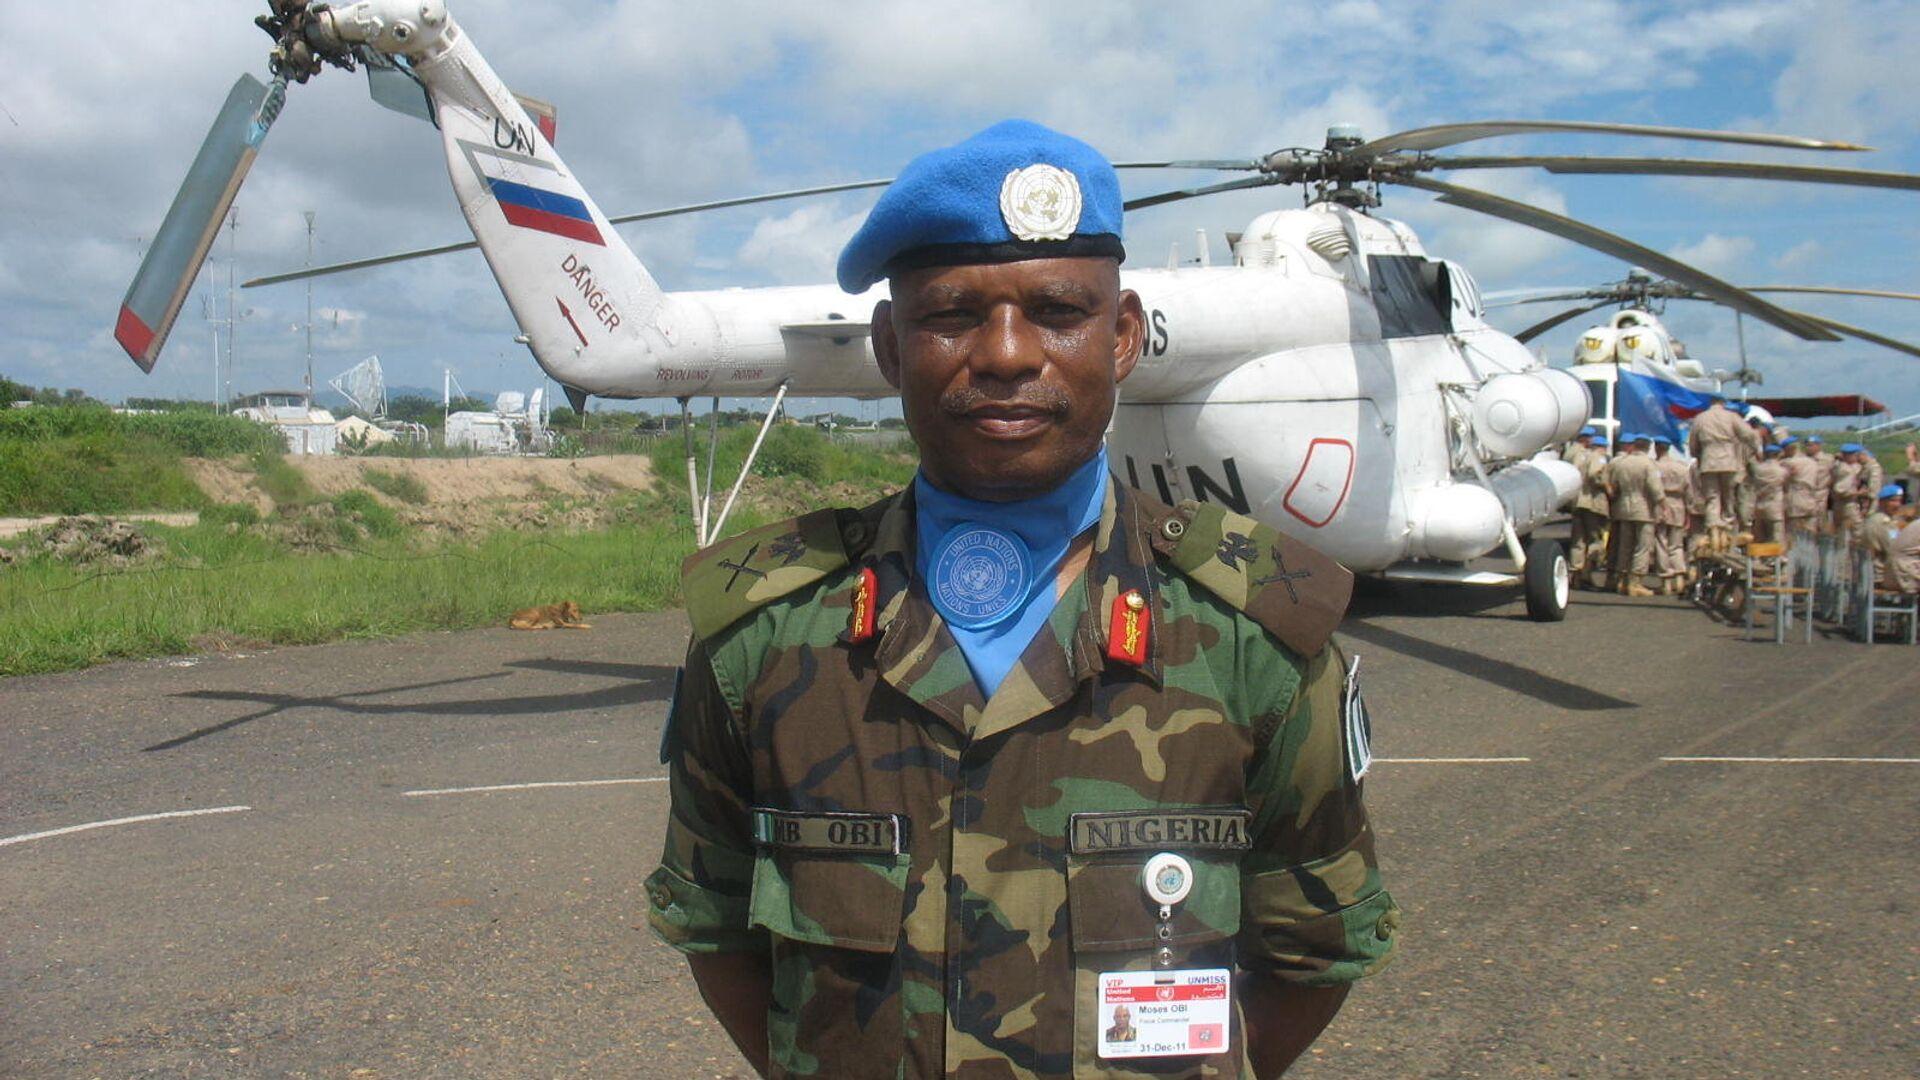 ООН перебросит миротворцев из Южного Судана в ЦАР